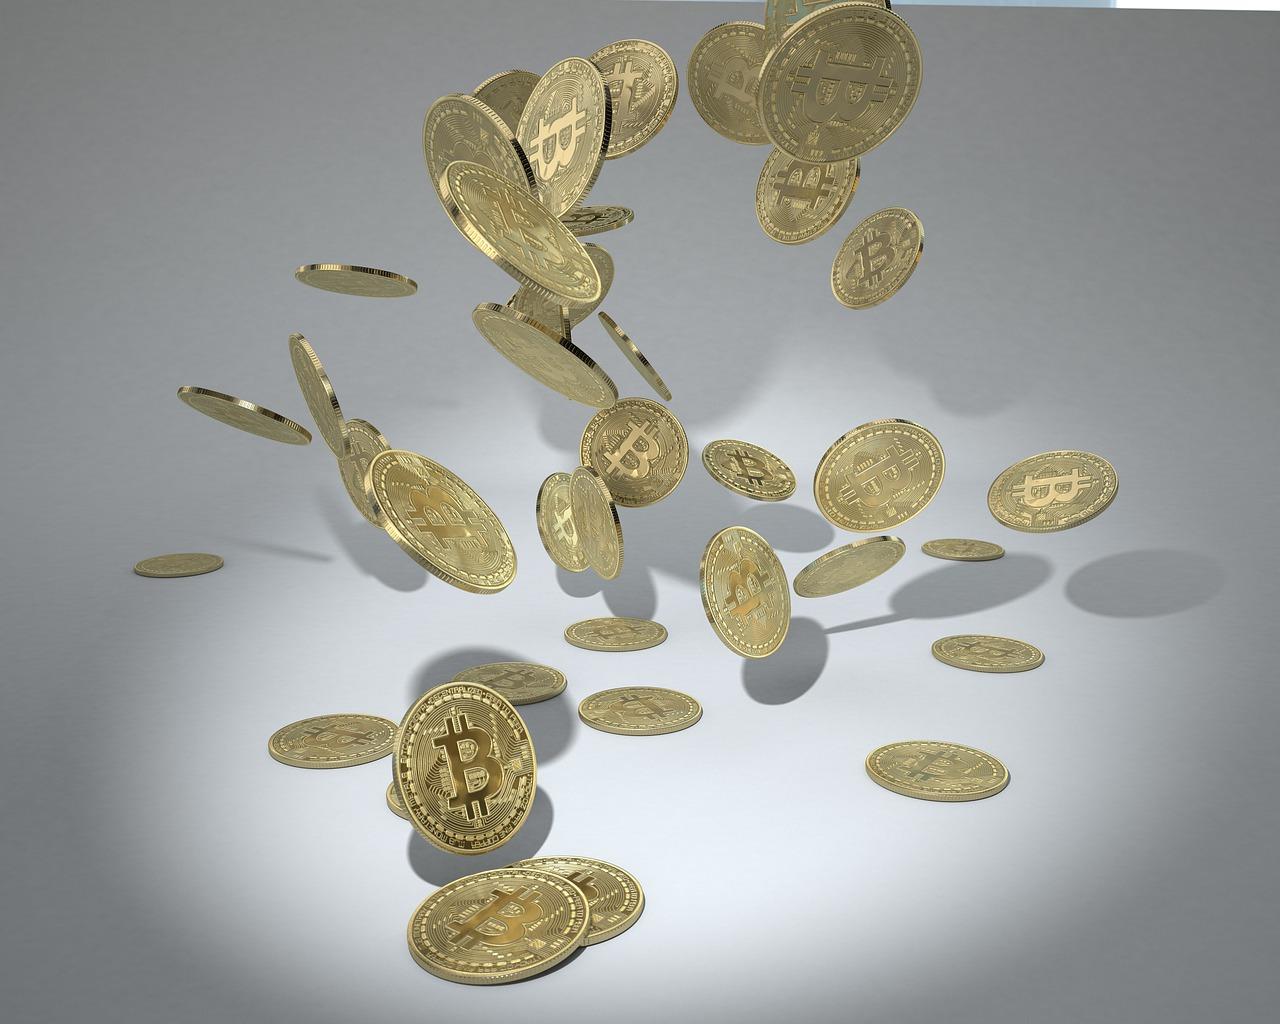 Bli med på Bitcoinbølgen